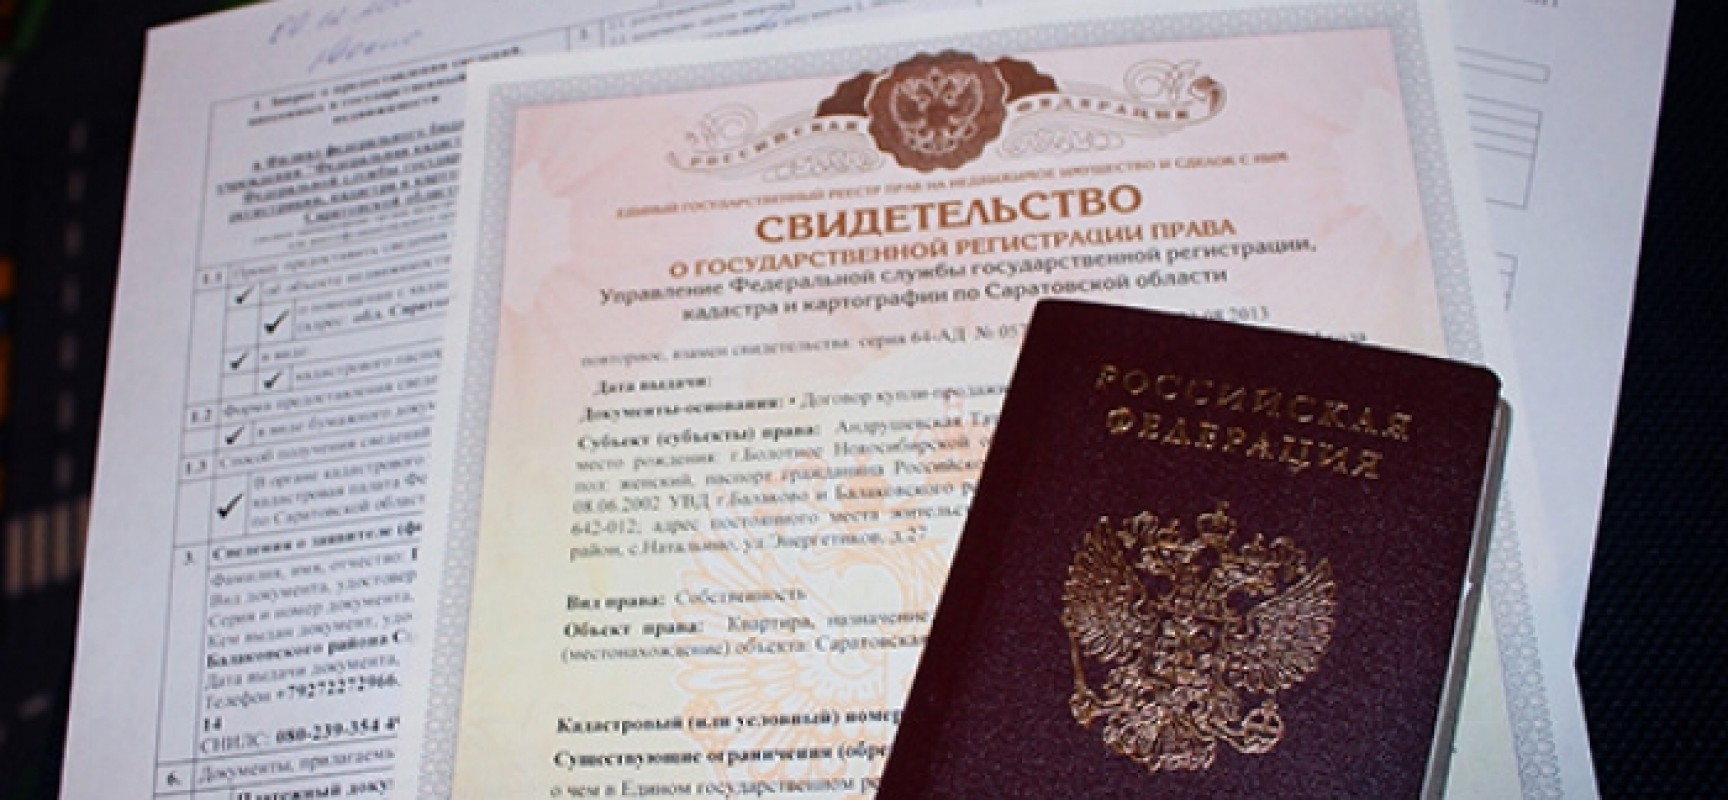 Нужно ли менять свидетельство о регистрации прав на выписку из ЕГРП, если оно было выдано до 15 июля 2016 года?